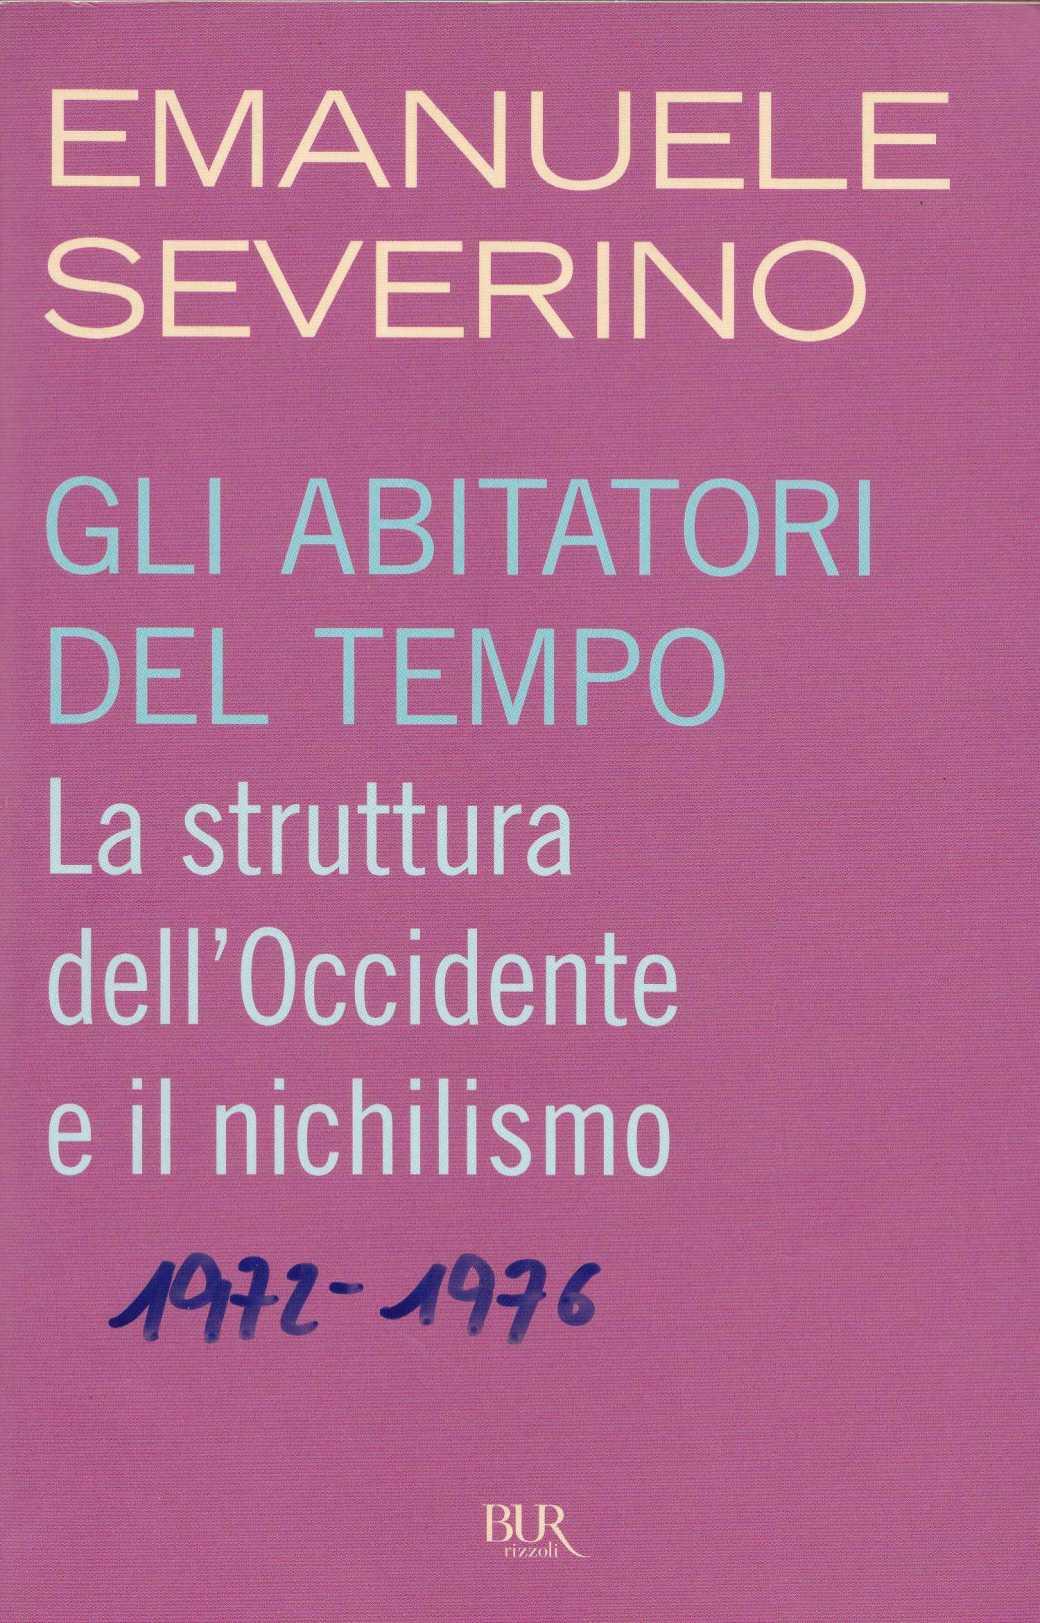 abitatiritempo4433